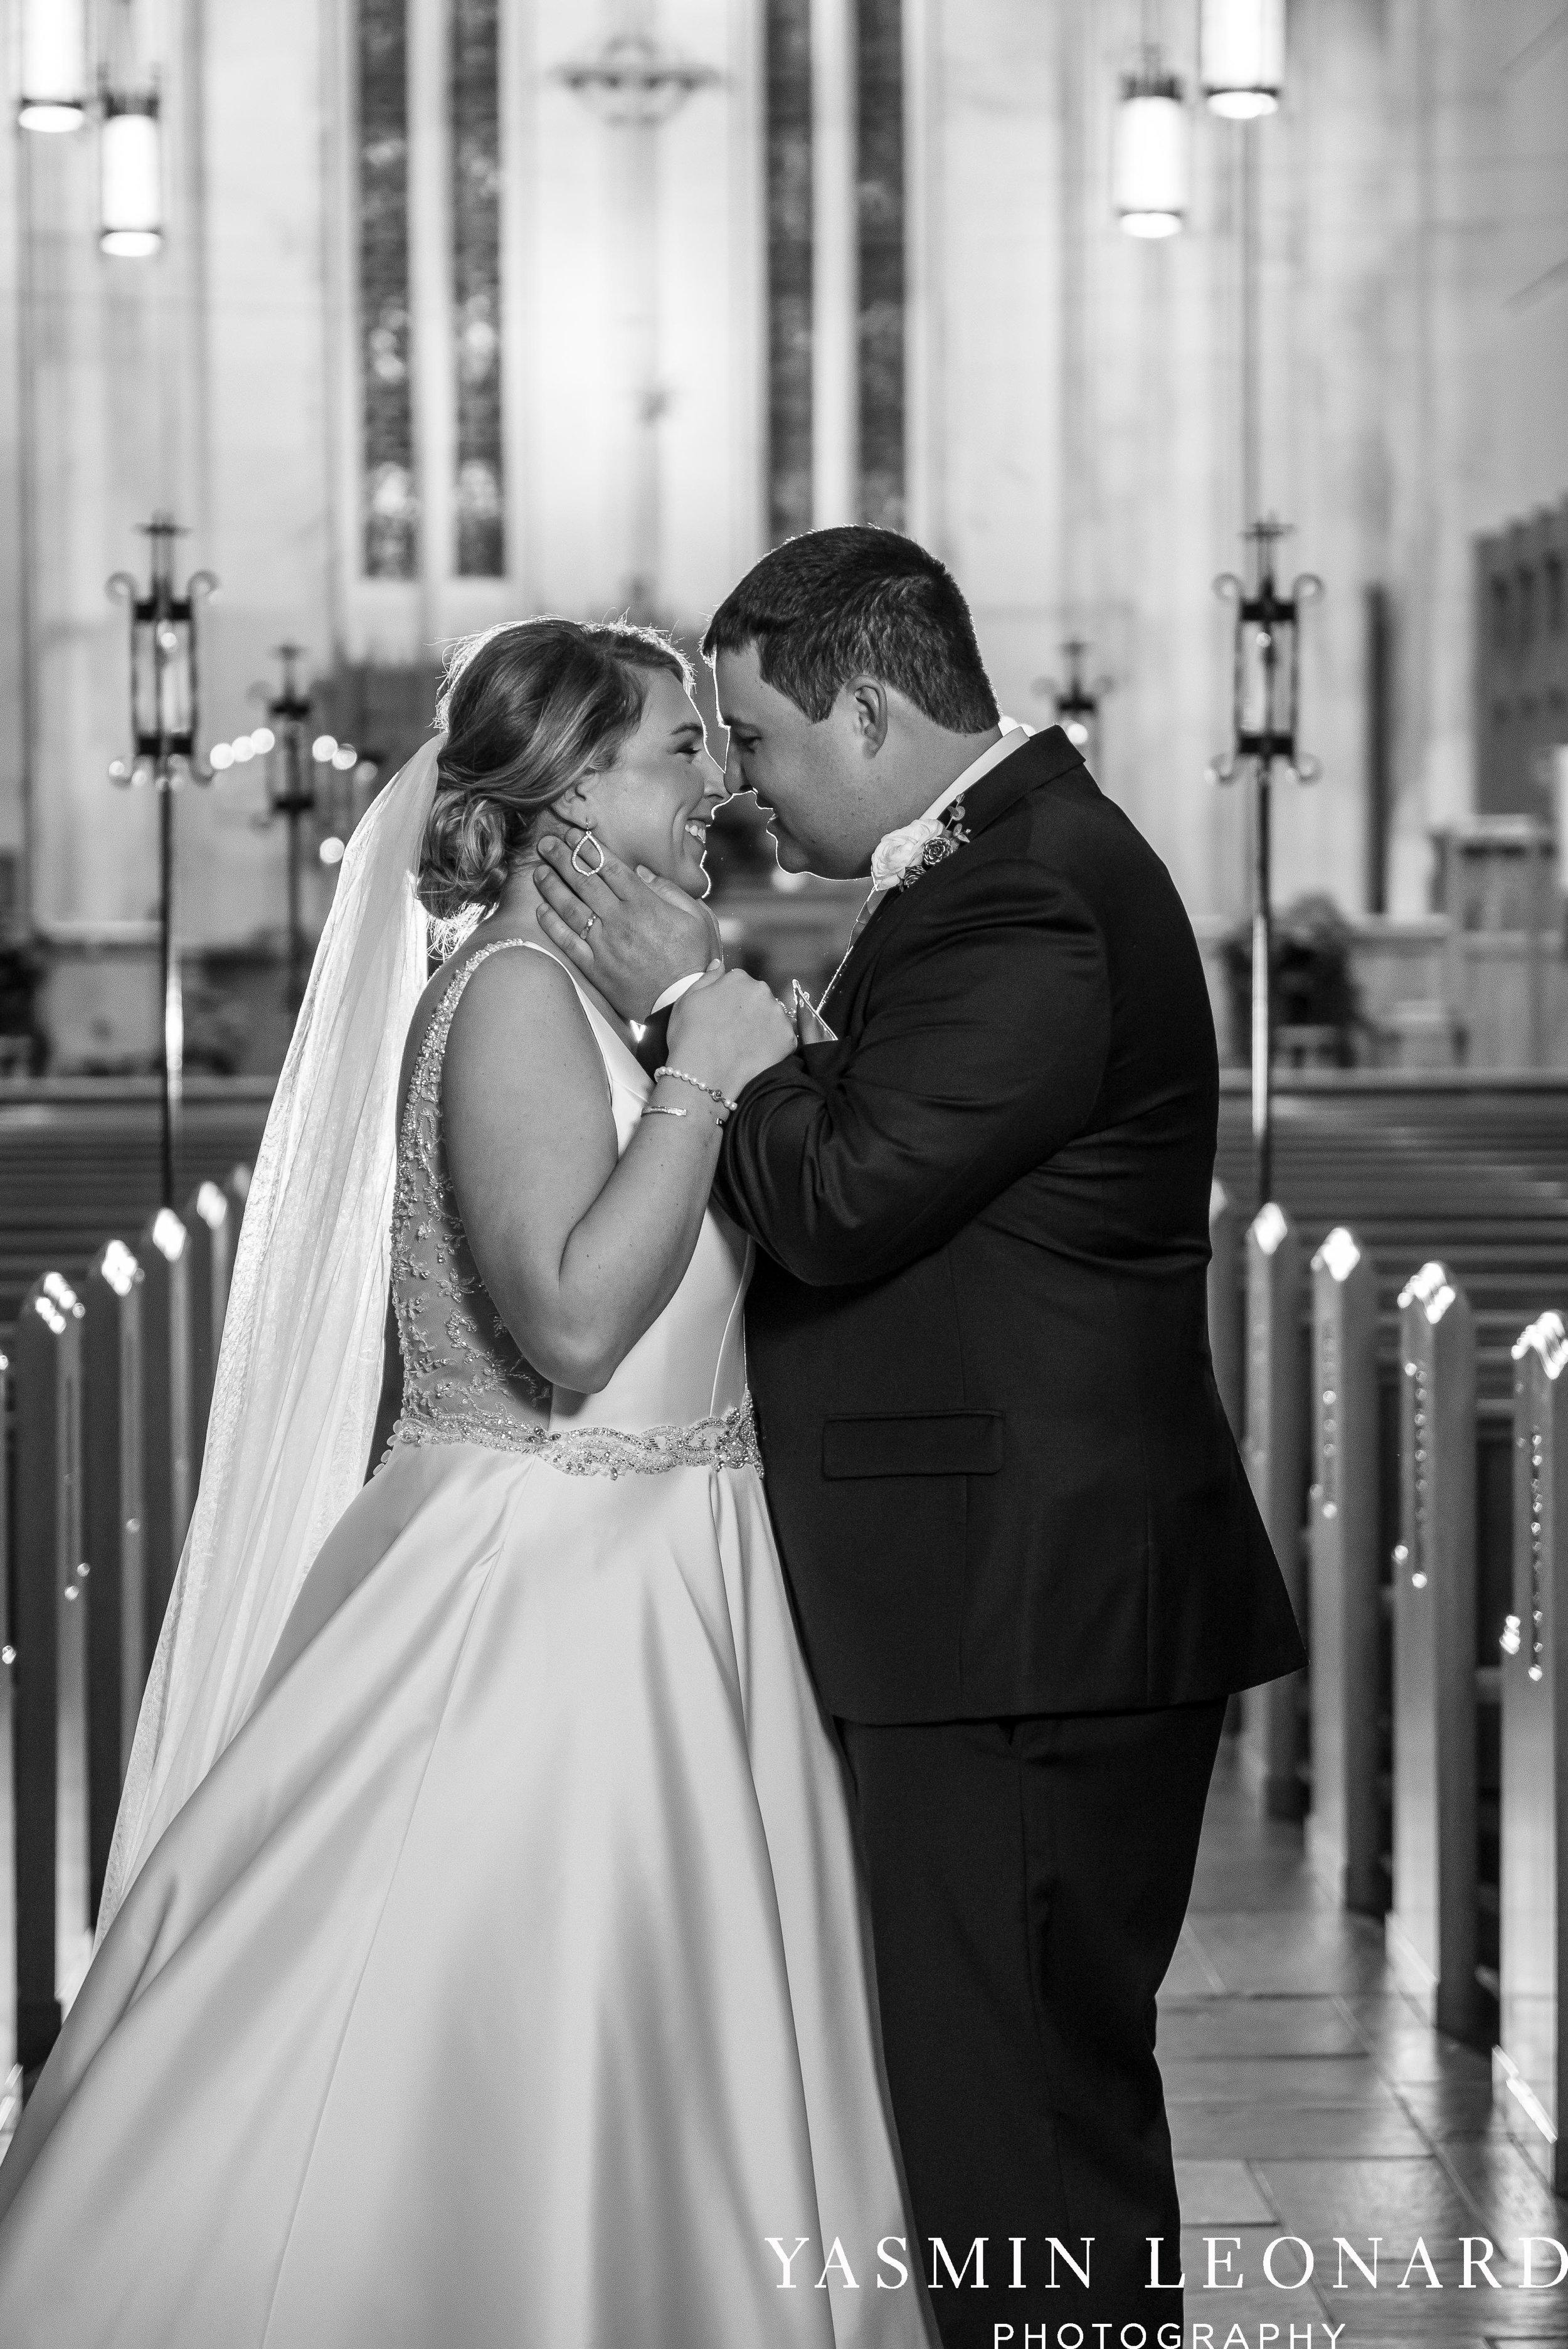 Adaumont Farm - Wesley Memorial Weddings - High Point Weddings - Just Priceless - NC Wedding Photographer - Yasmin Leonard Photography - High Point Wedding Vendors-47.jpg